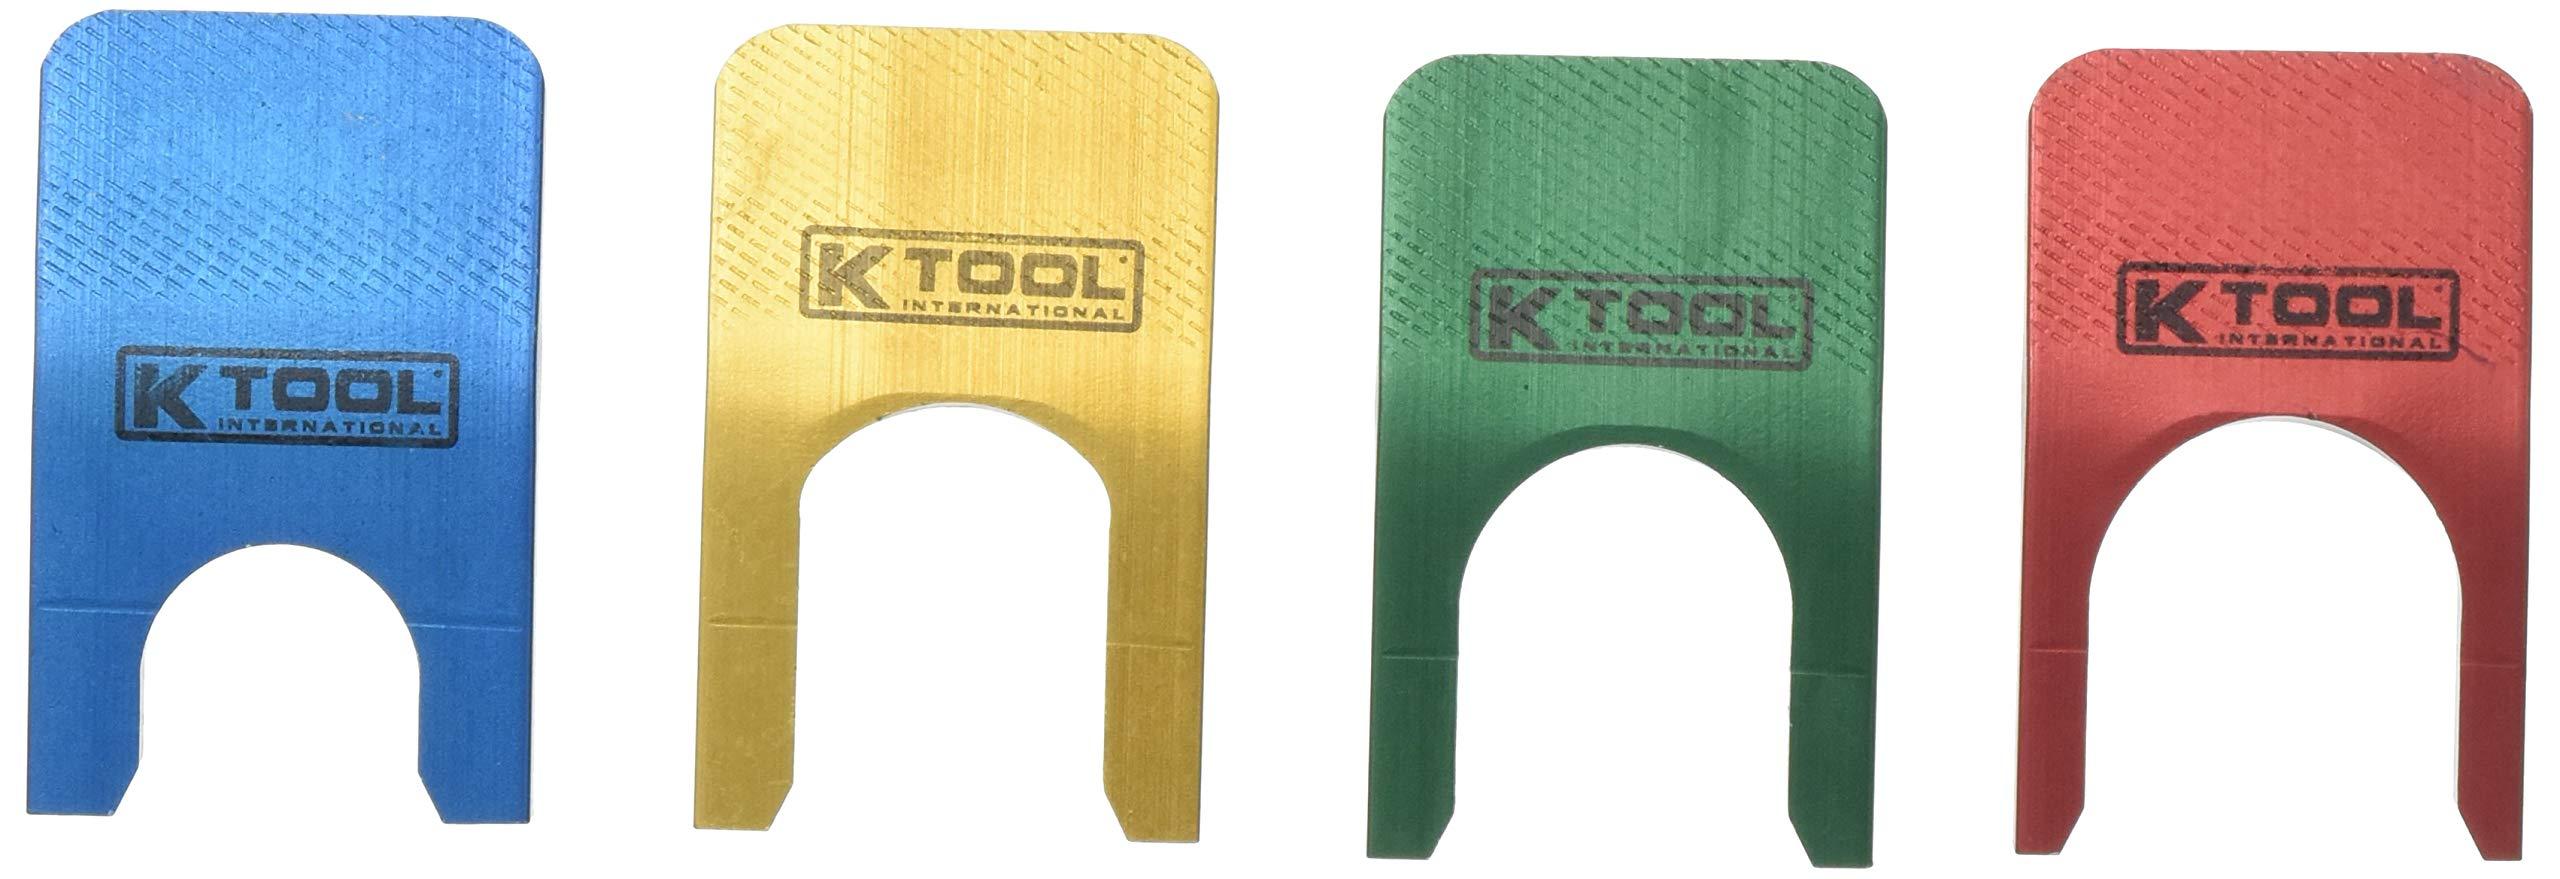 KTI (KTI-75320) Radiator Disconnect Tool Set by K-Tool International (Image #1)